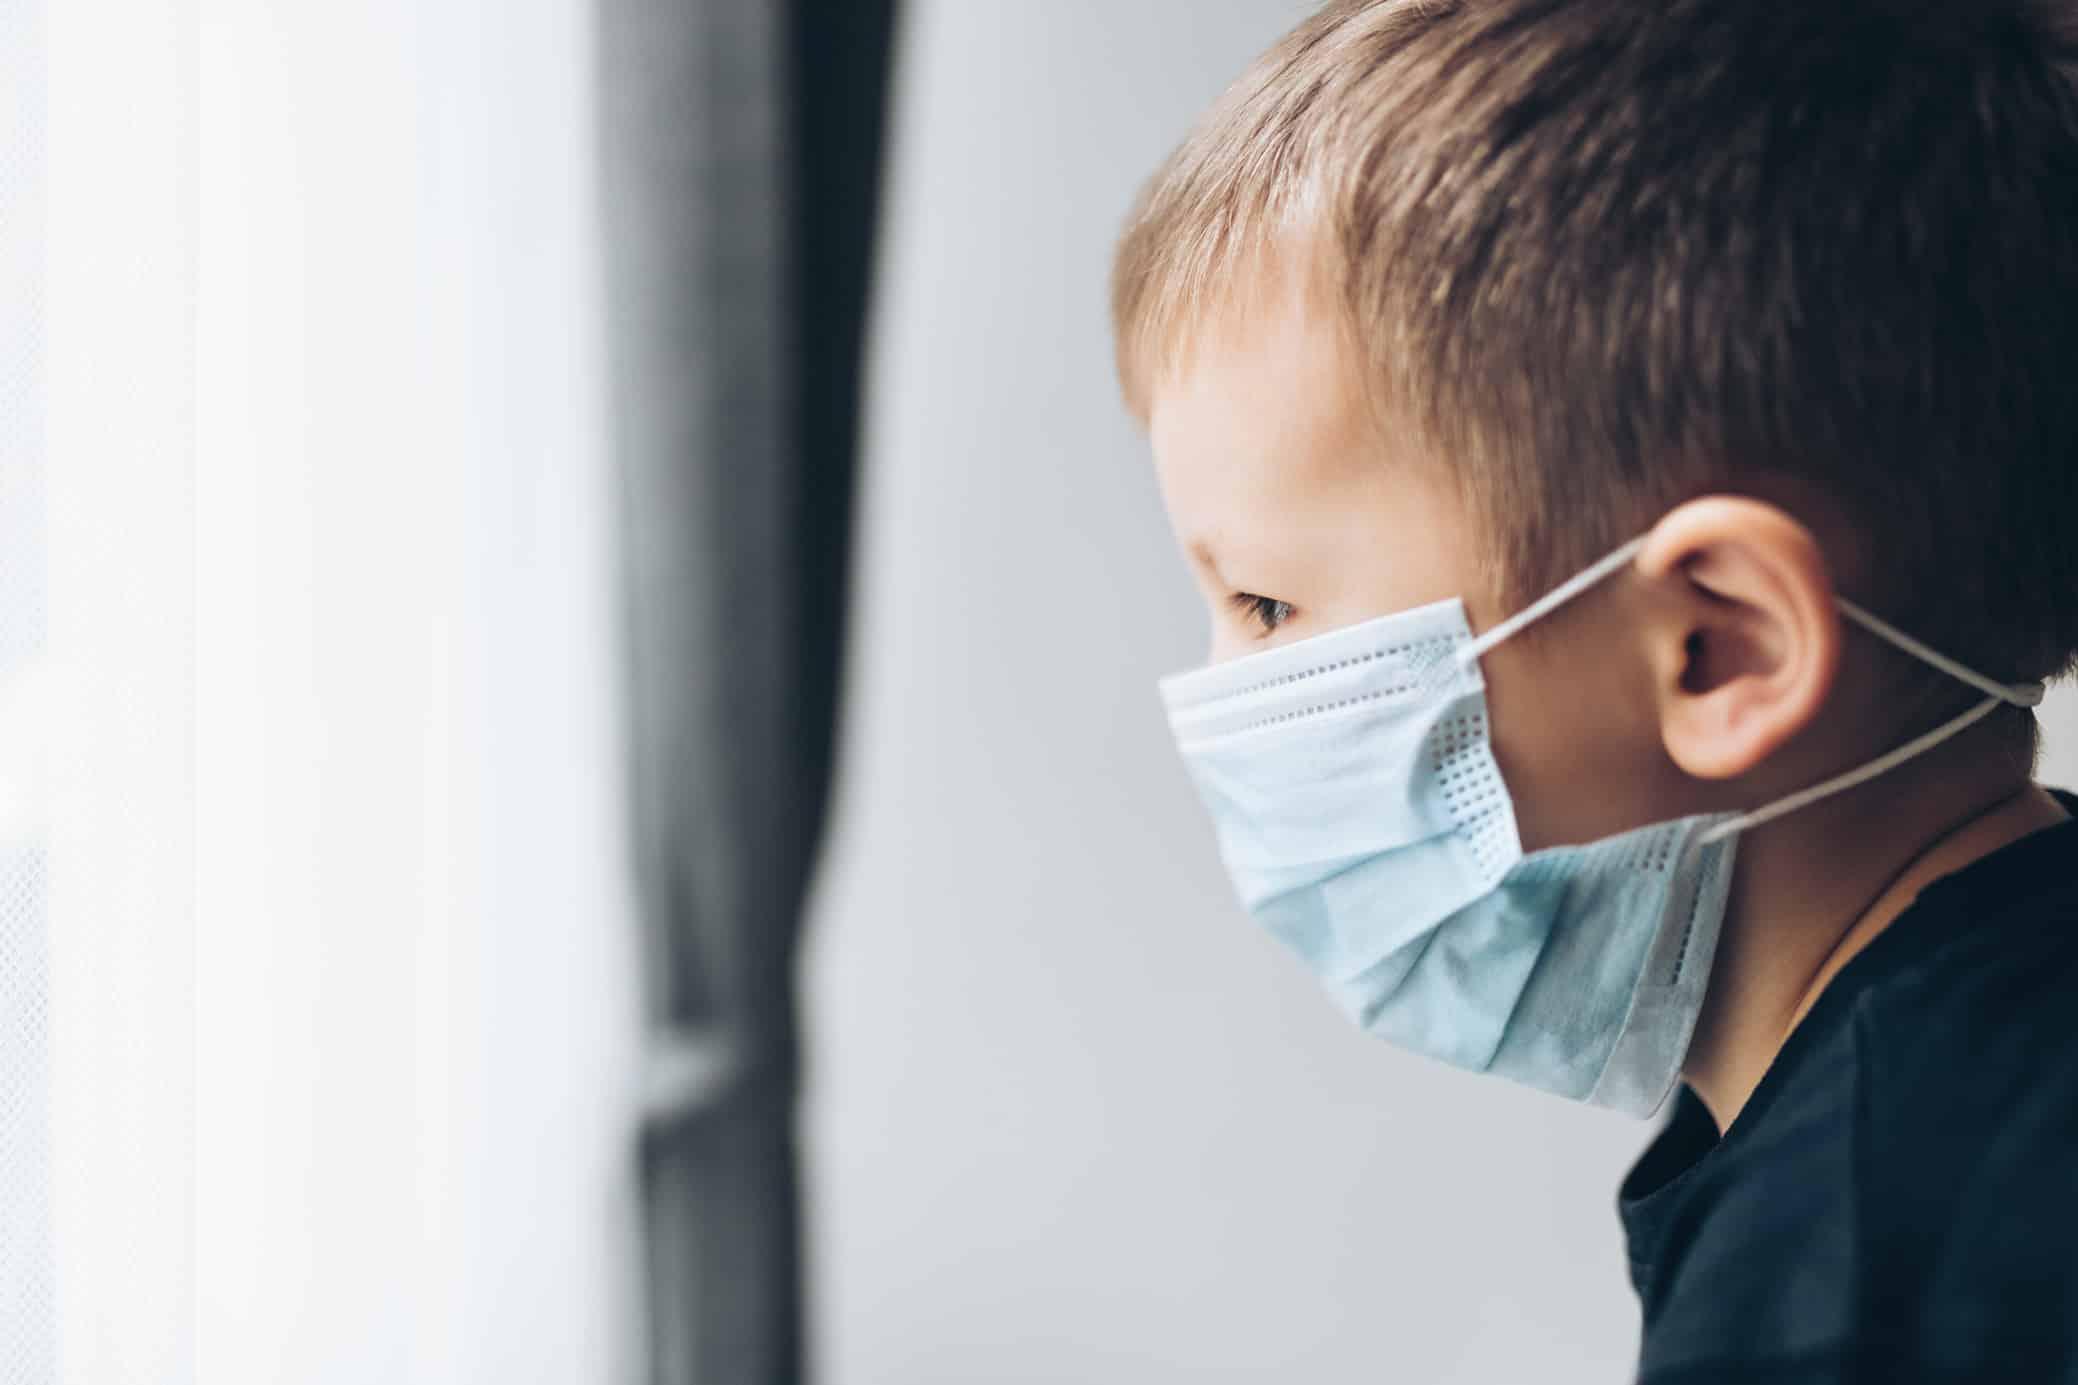 Franța: Ministru sănătății, anchetat pentru modul în care a gestionat pandemia